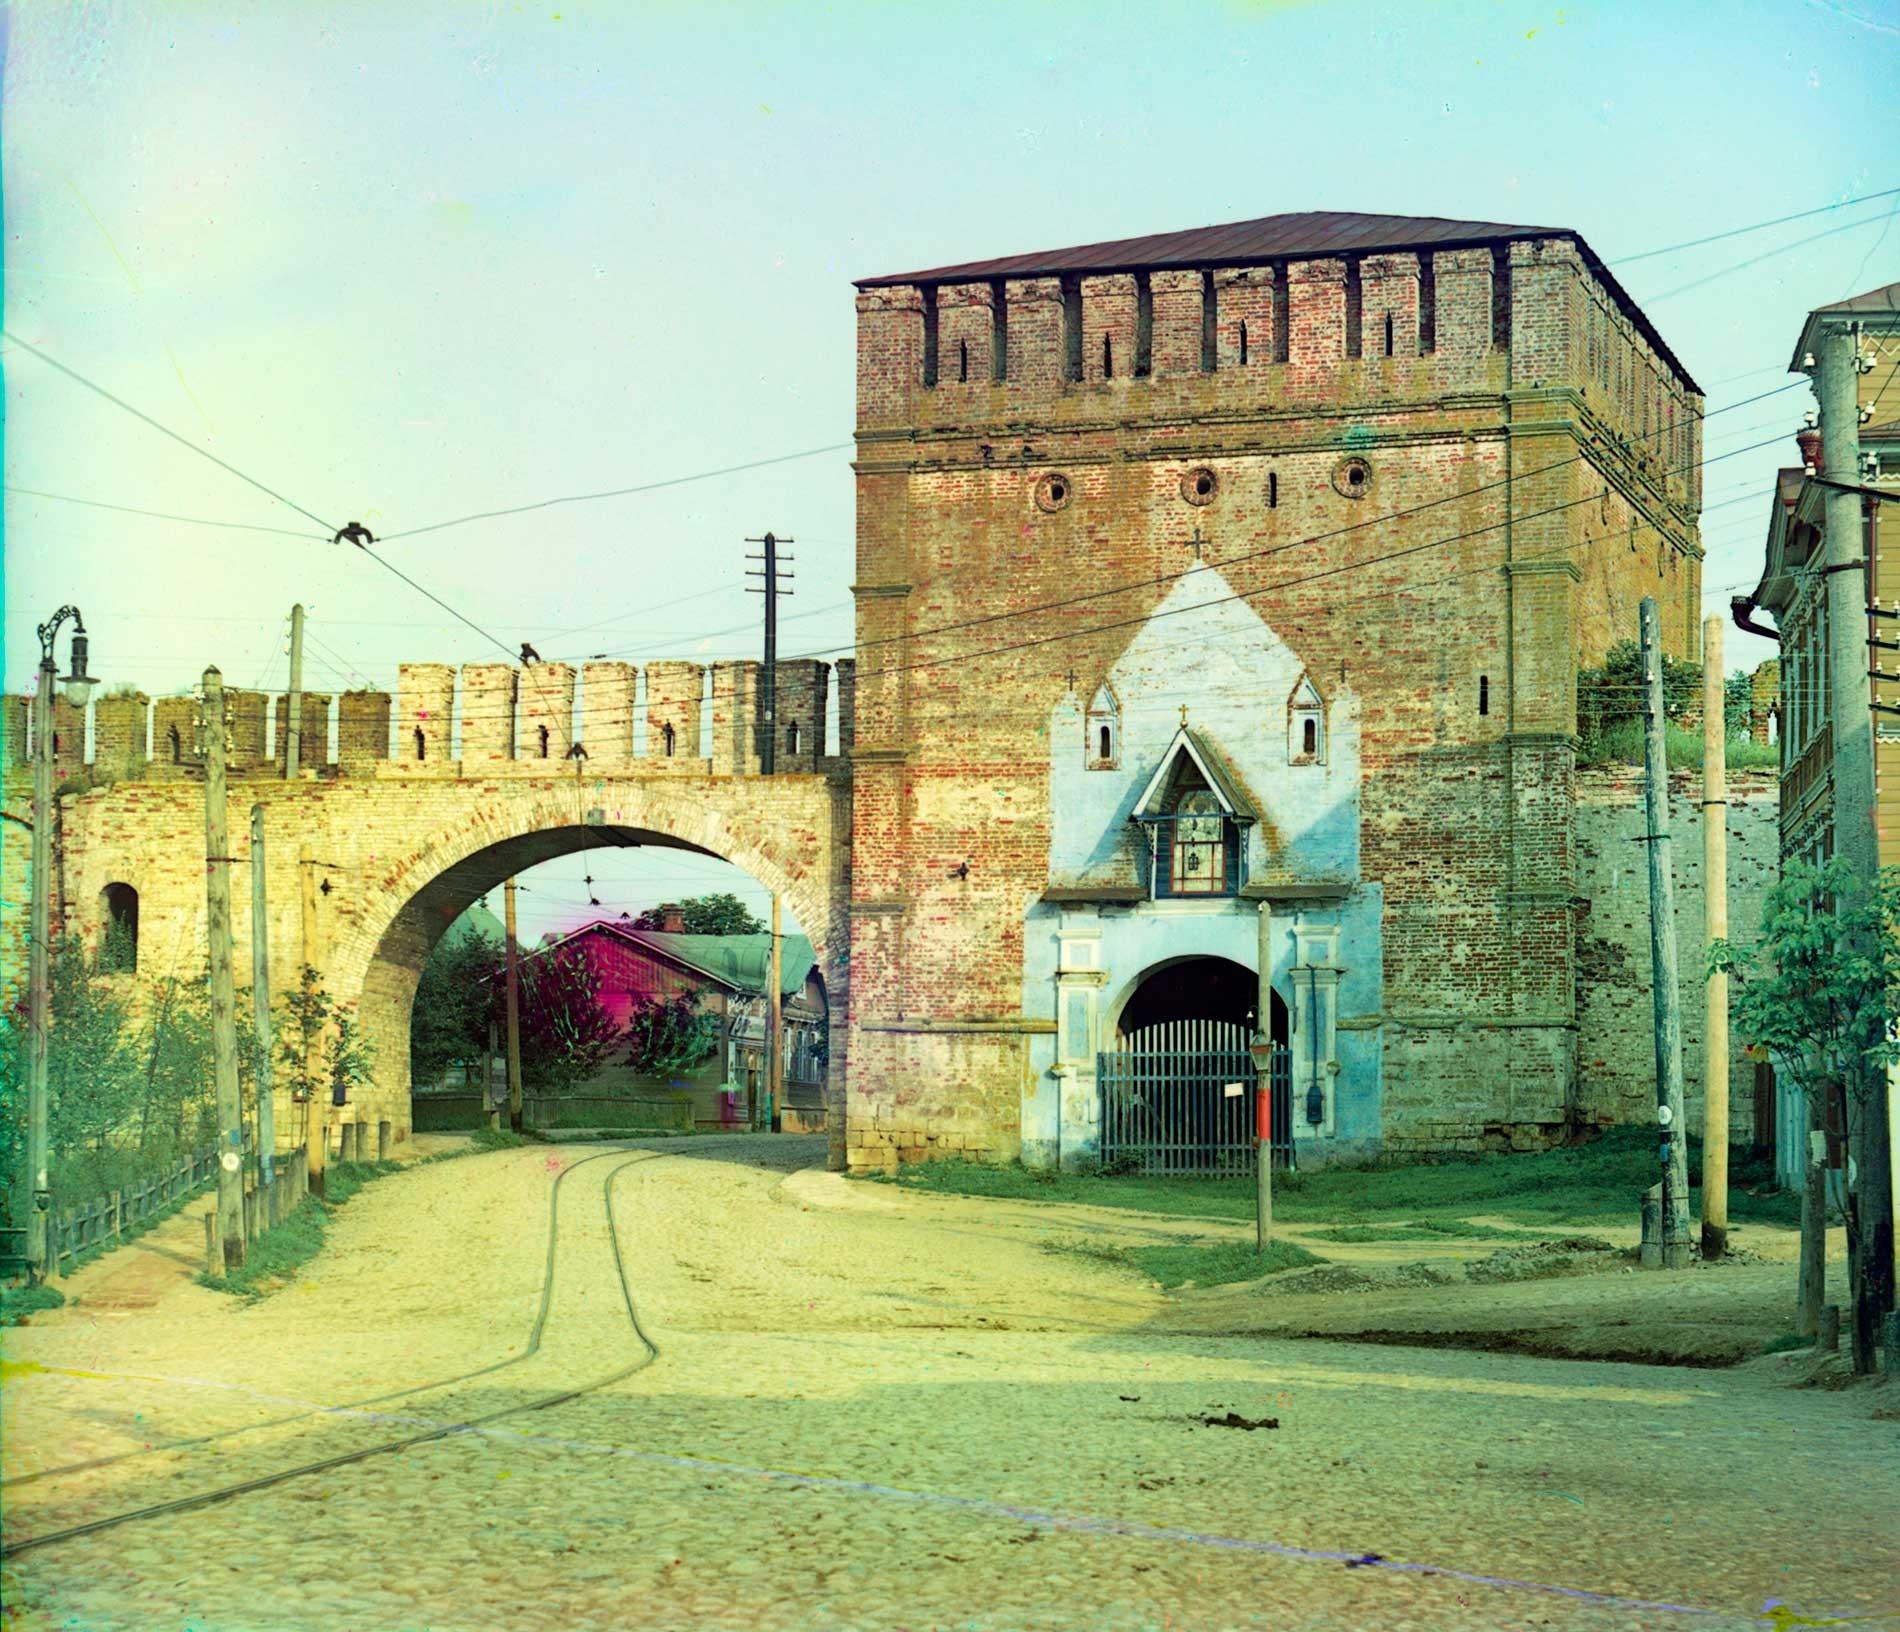 Cittadella di Smolensk. Porta e Torre di San Nicola, con la linea del tram. Estate 1912